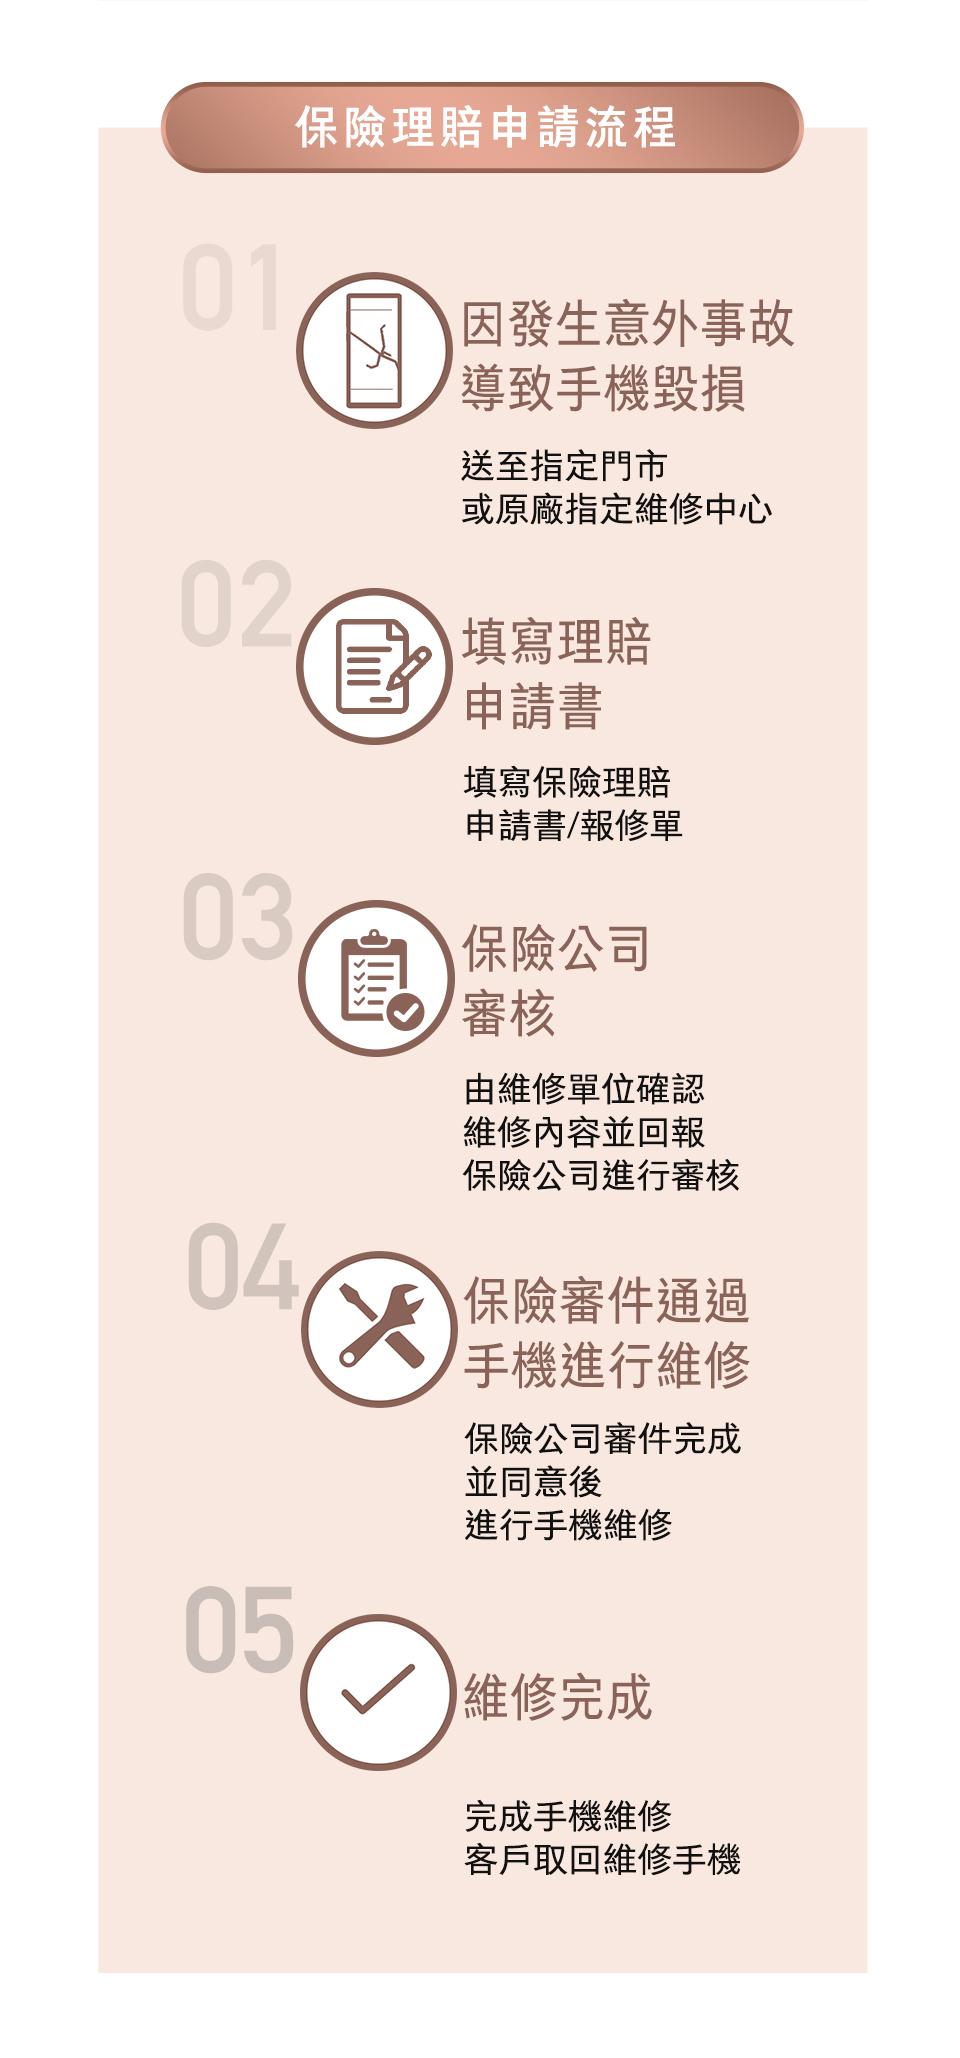 活動登錄及流程說明